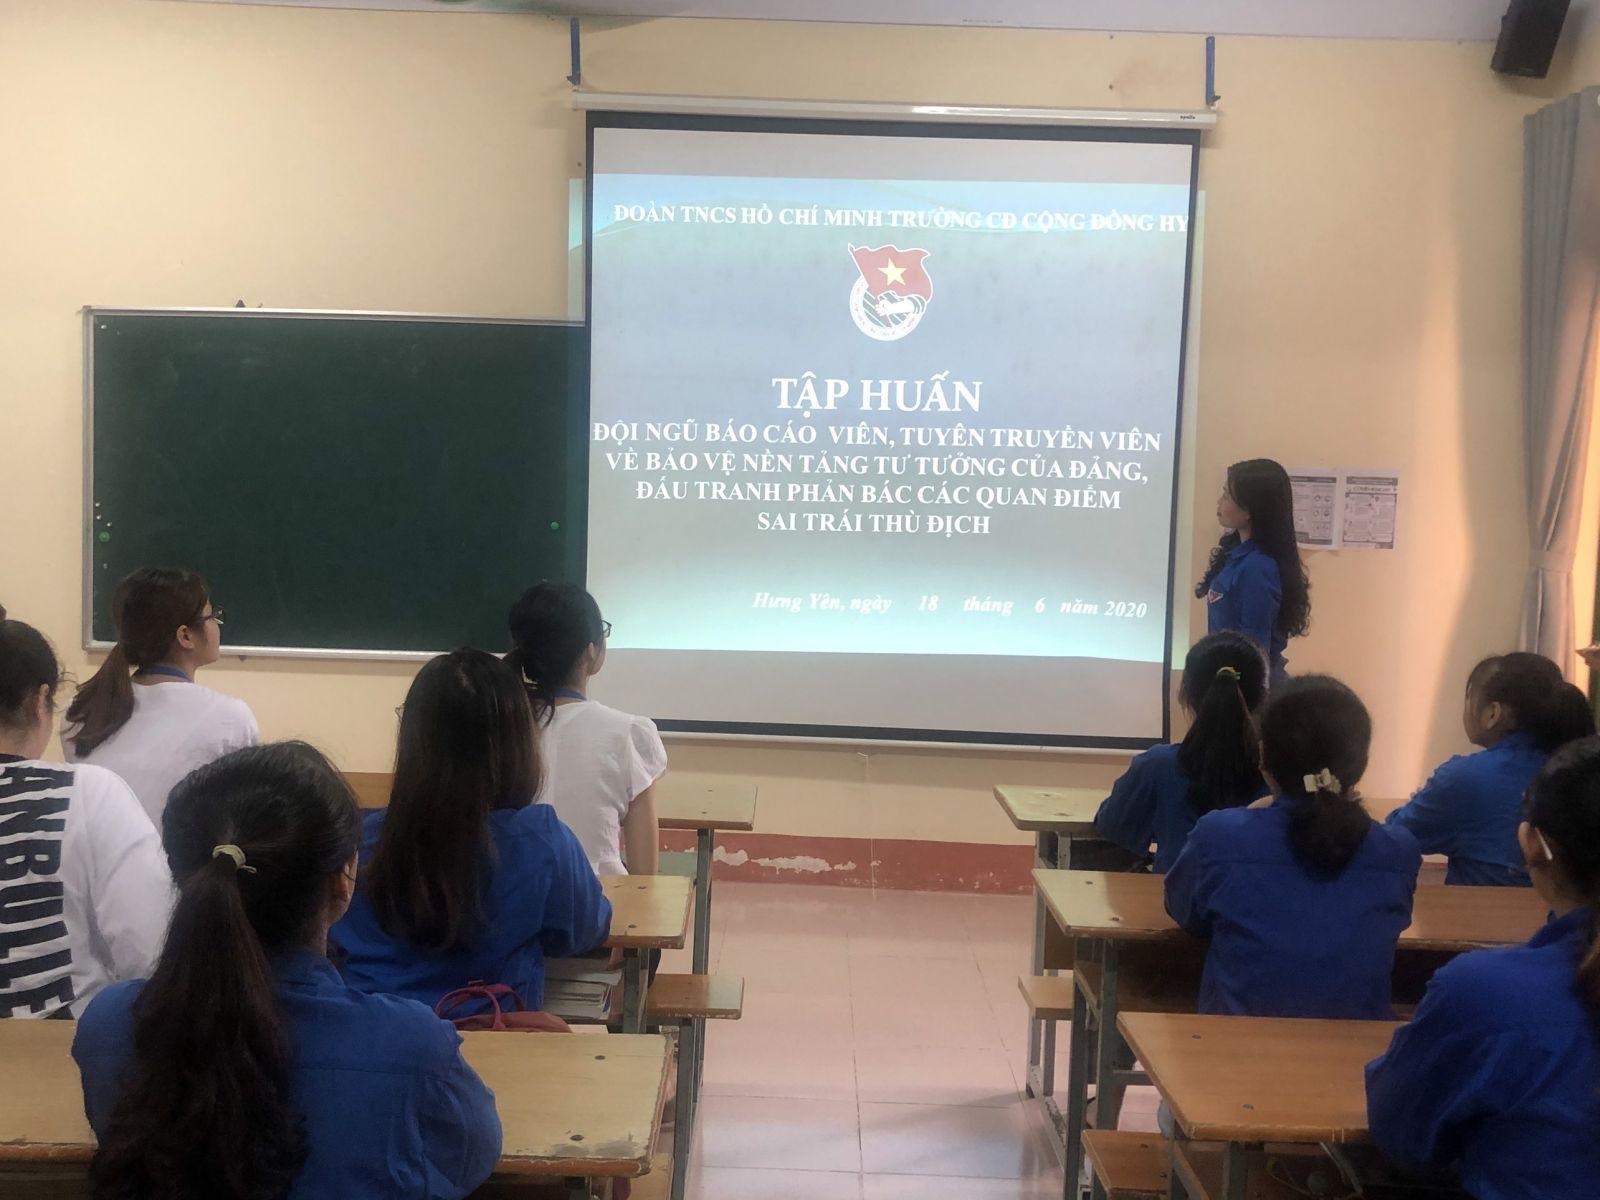 Đoàn trường Cao đẳng Cộng đồng Hưng Yên tổ chức tập huấn kỹ năng cho đội ngũ báo cáo viên, tuyên truyền viên của Đoàn trường về bảo vệ nền tảng tư tưởng của Đảng